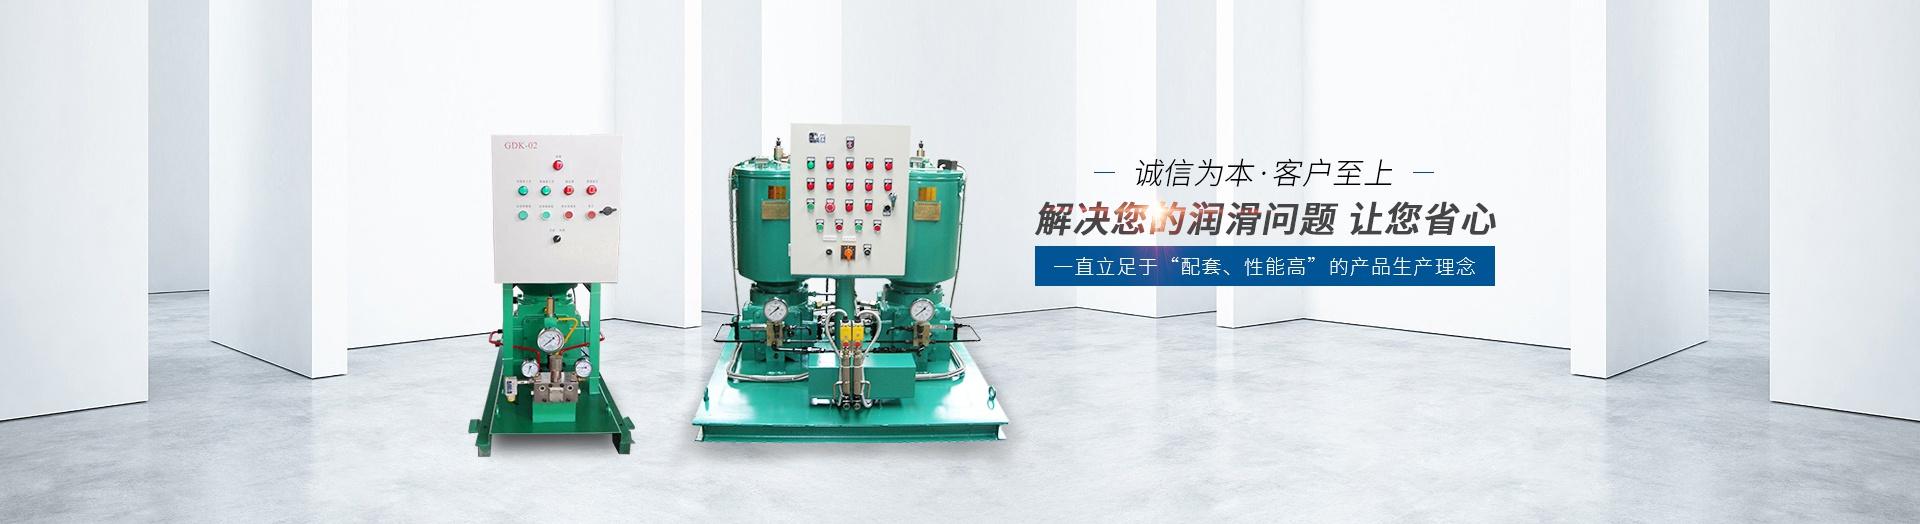 高压电动润滑泵